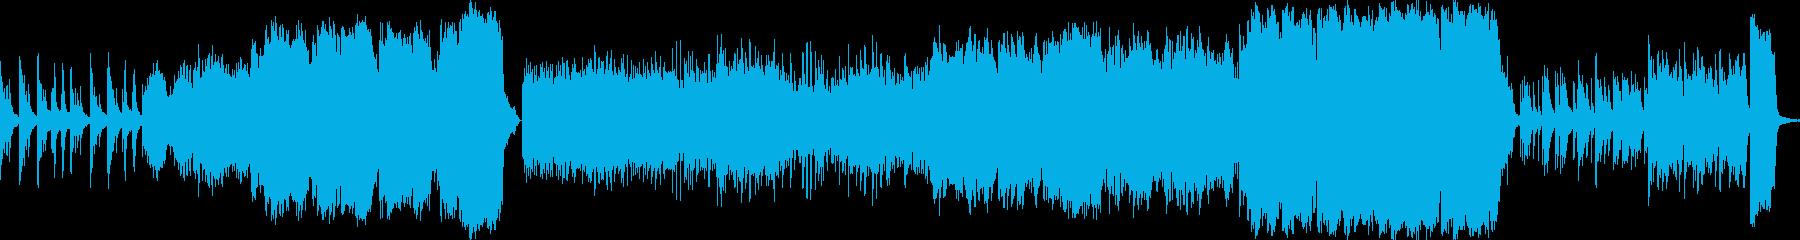 壮大で悲しげな映像音楽の再生済みの波形